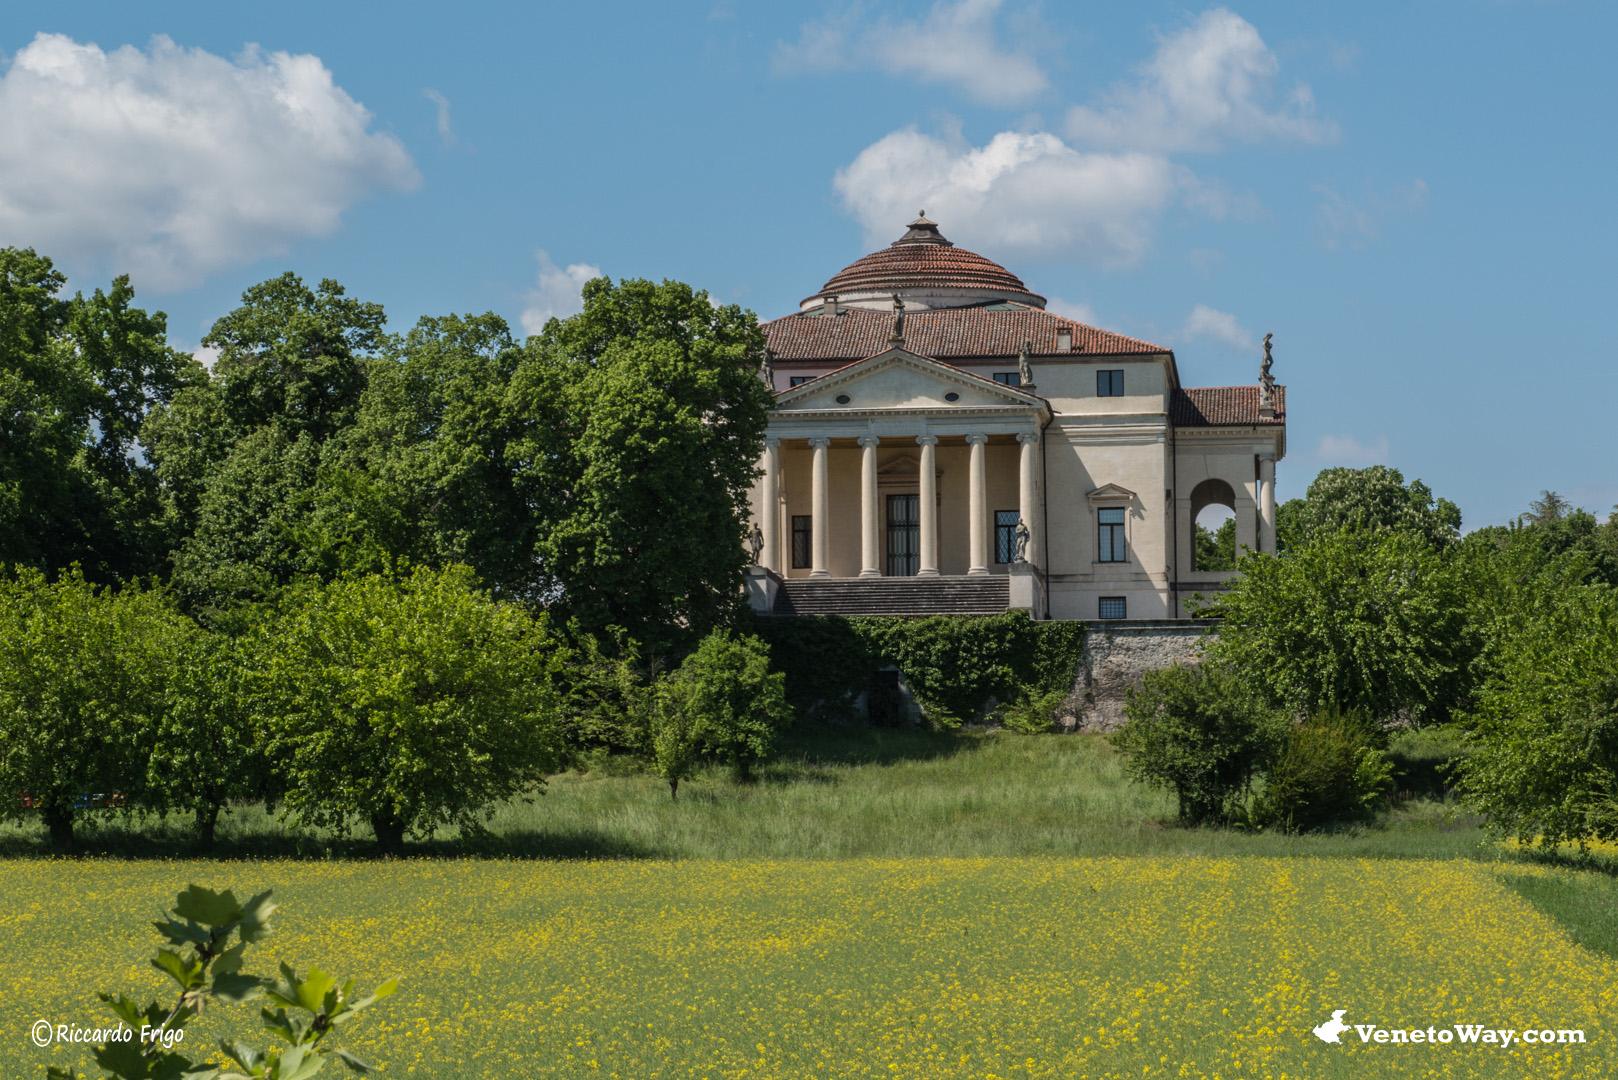 Villa Almerico Capra